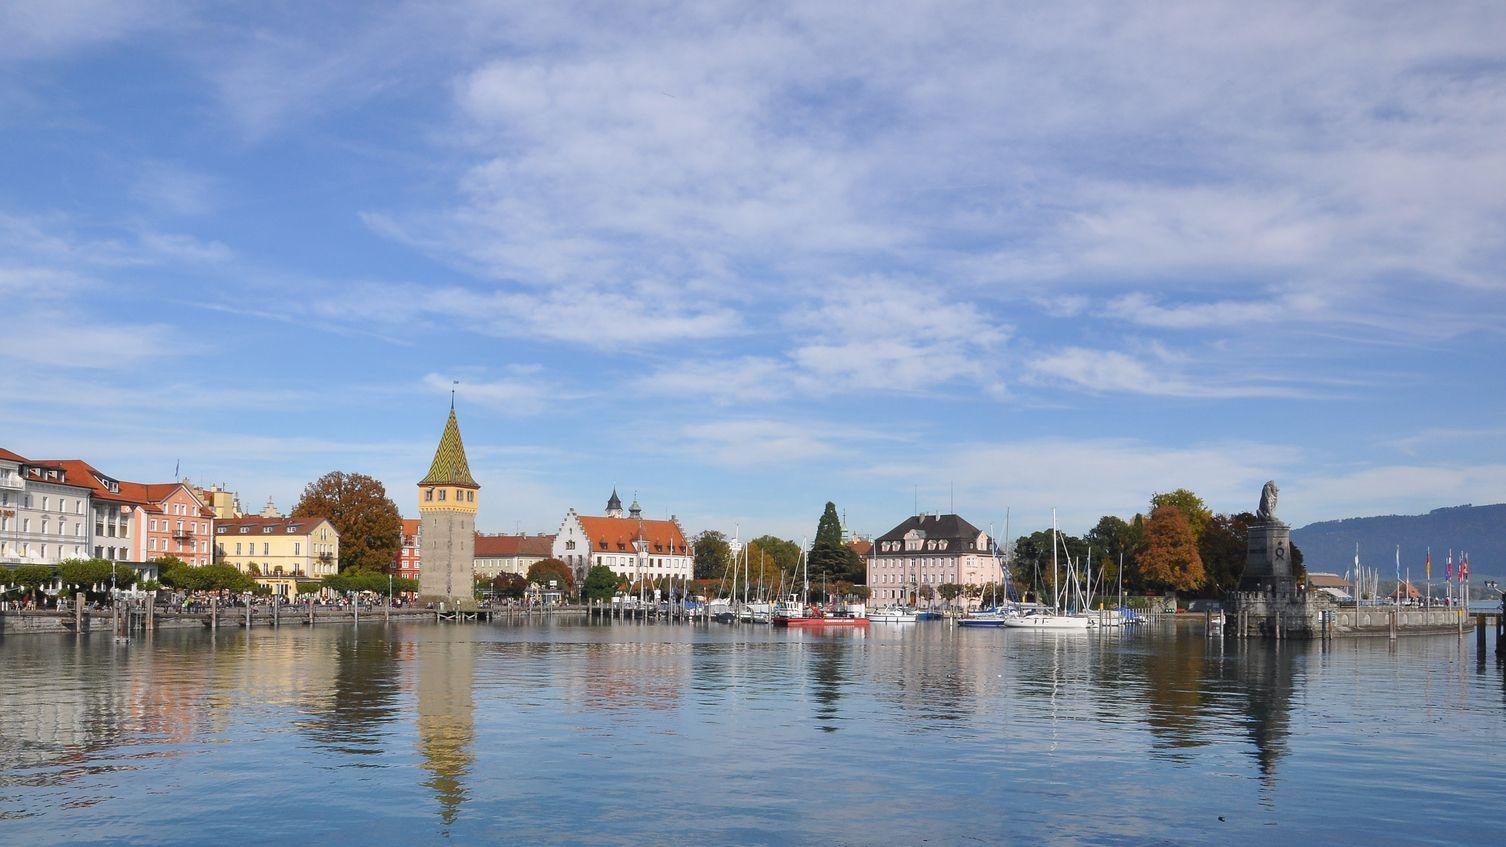 Der Hafen von Lindau